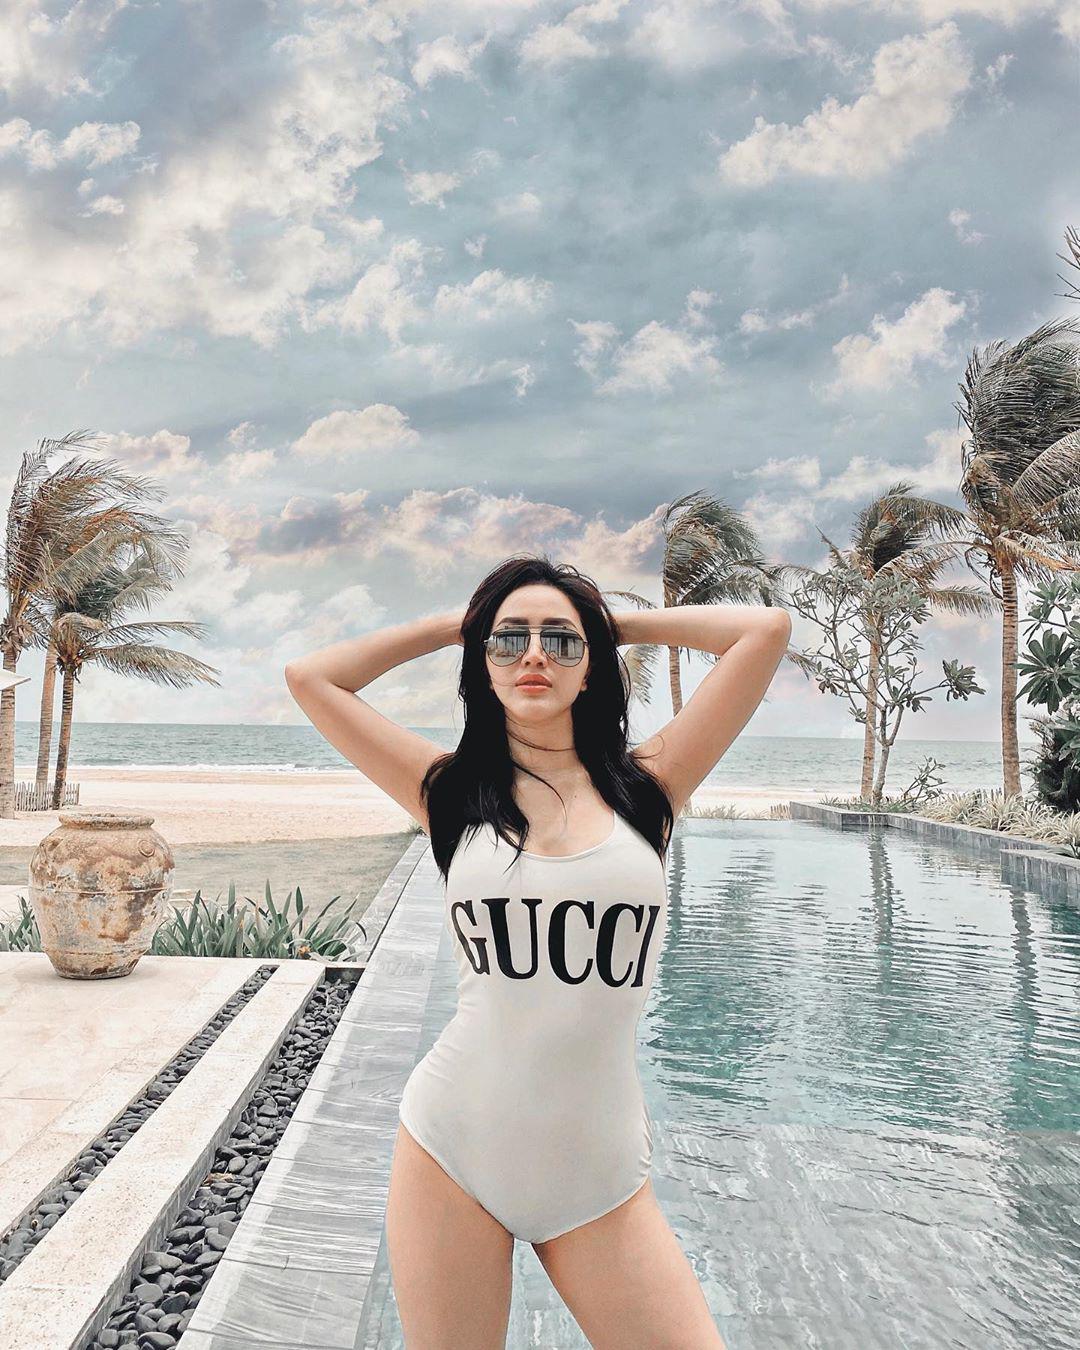 """Bóc giá đồ bơi sao Việt hè này: Bộ của Ngọc Trinh giá bình dân nhưng sexy """"nóng mắt"""" còn hơn đồ hiệu - Ảnh 7"""